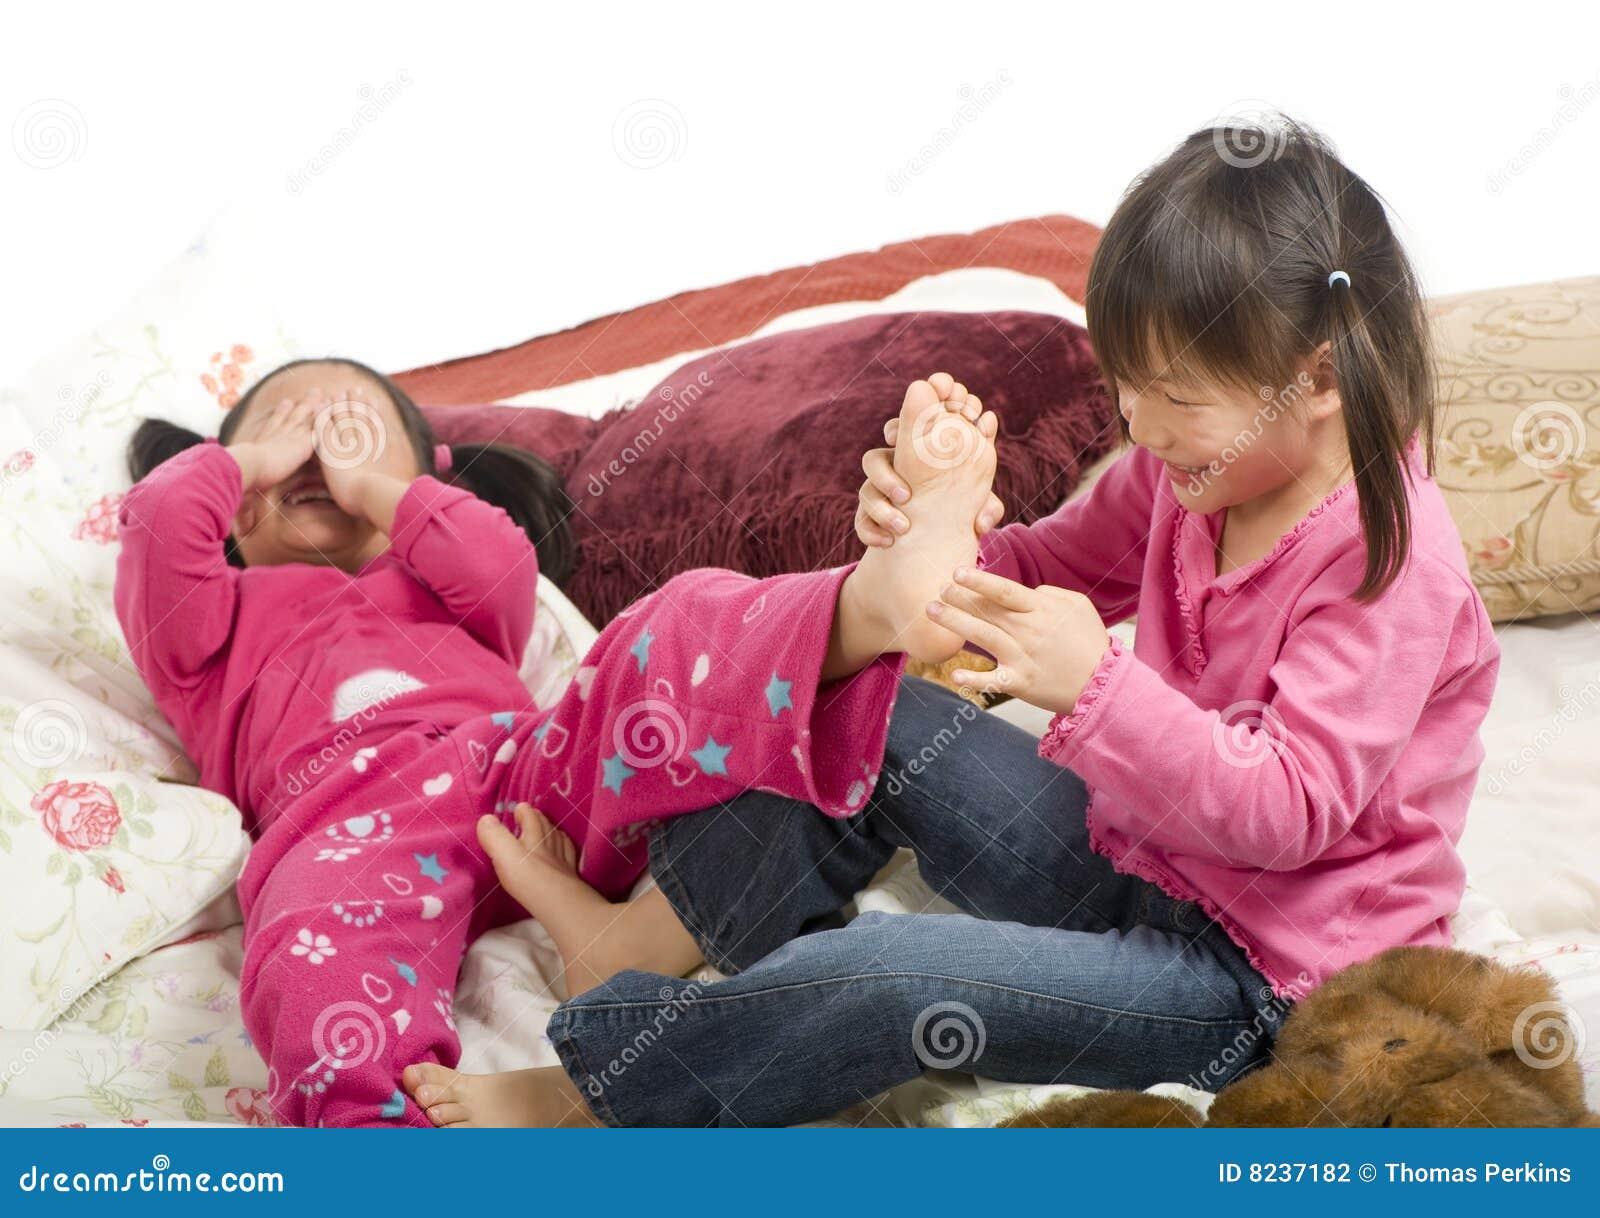 Щекотка ног у девушек 22 фотография